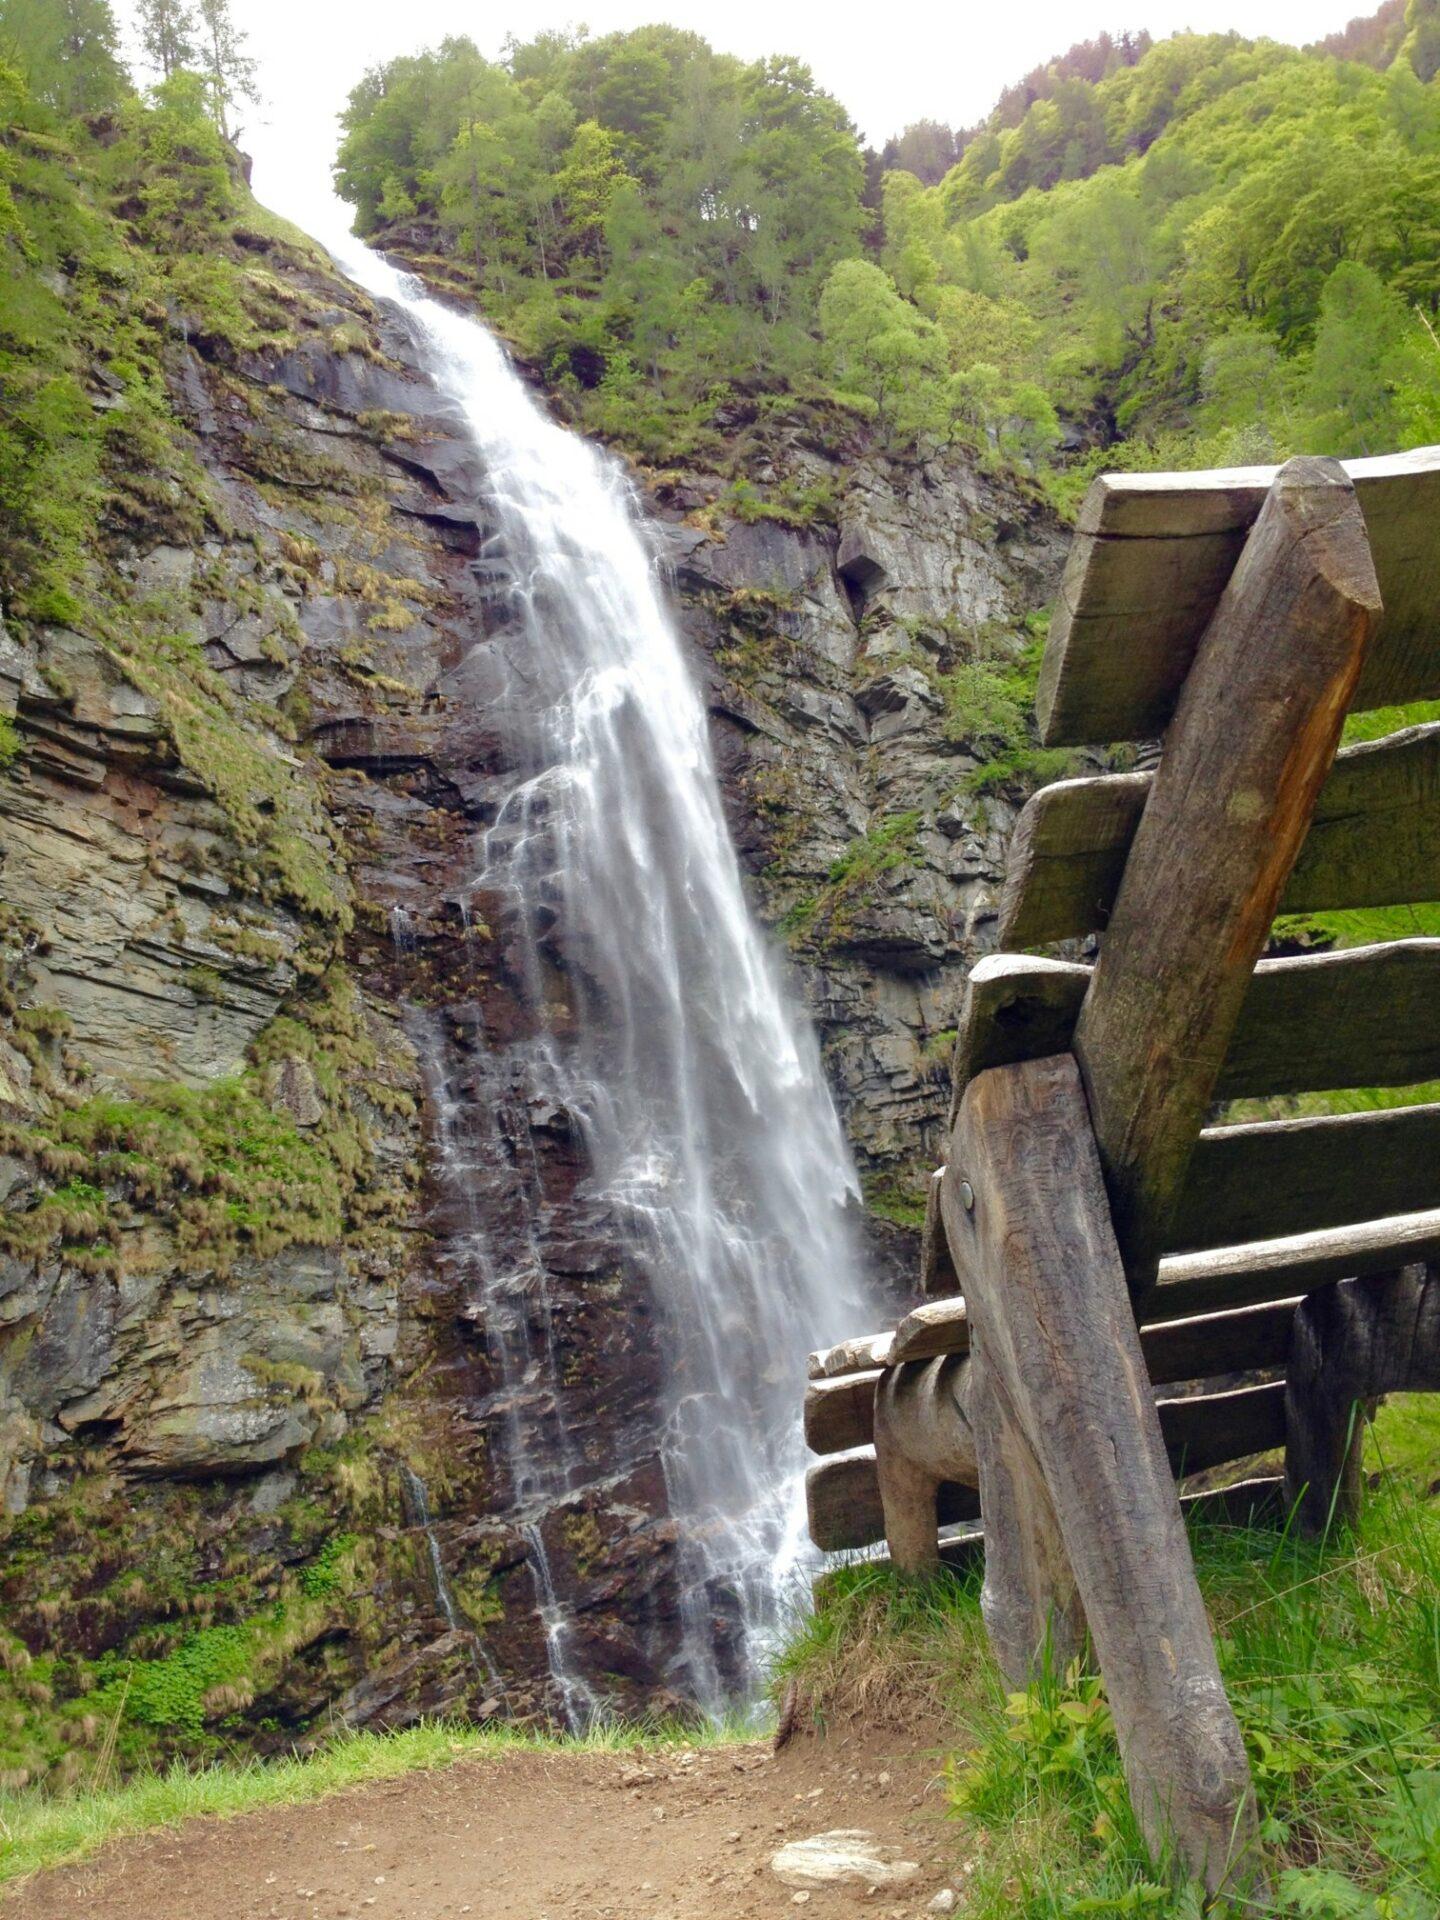 Schweizer Gemütlichkeit am Wasserfall